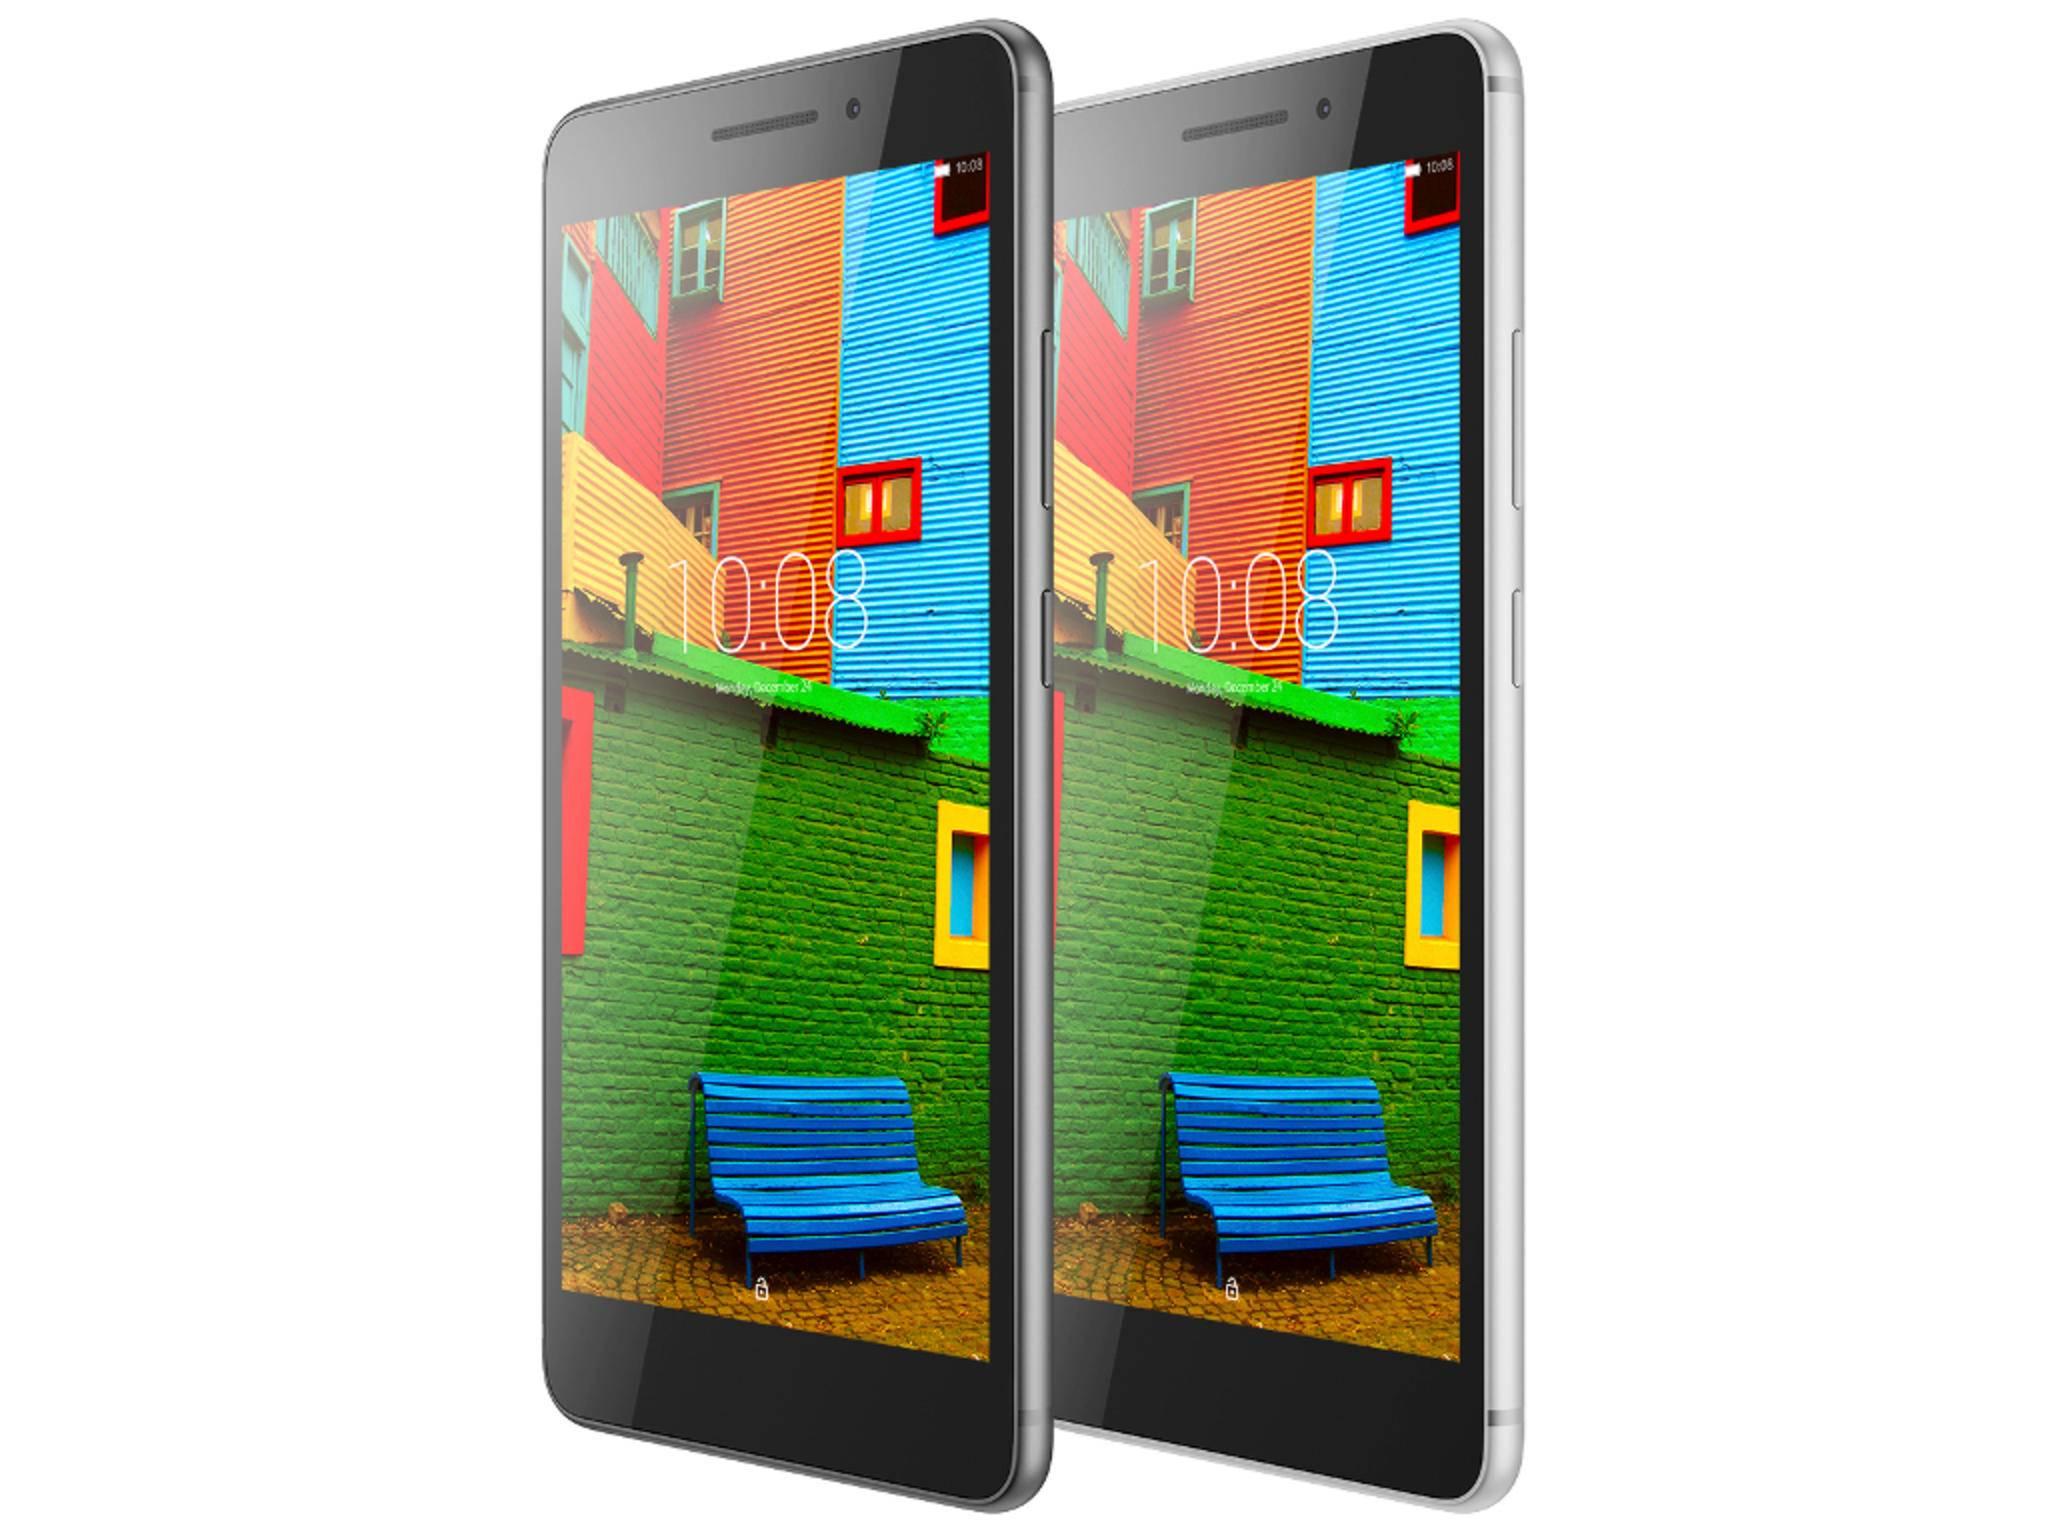 Das Lenovo Phab hat einen riesigen Screen mit fast 7 Zoll.